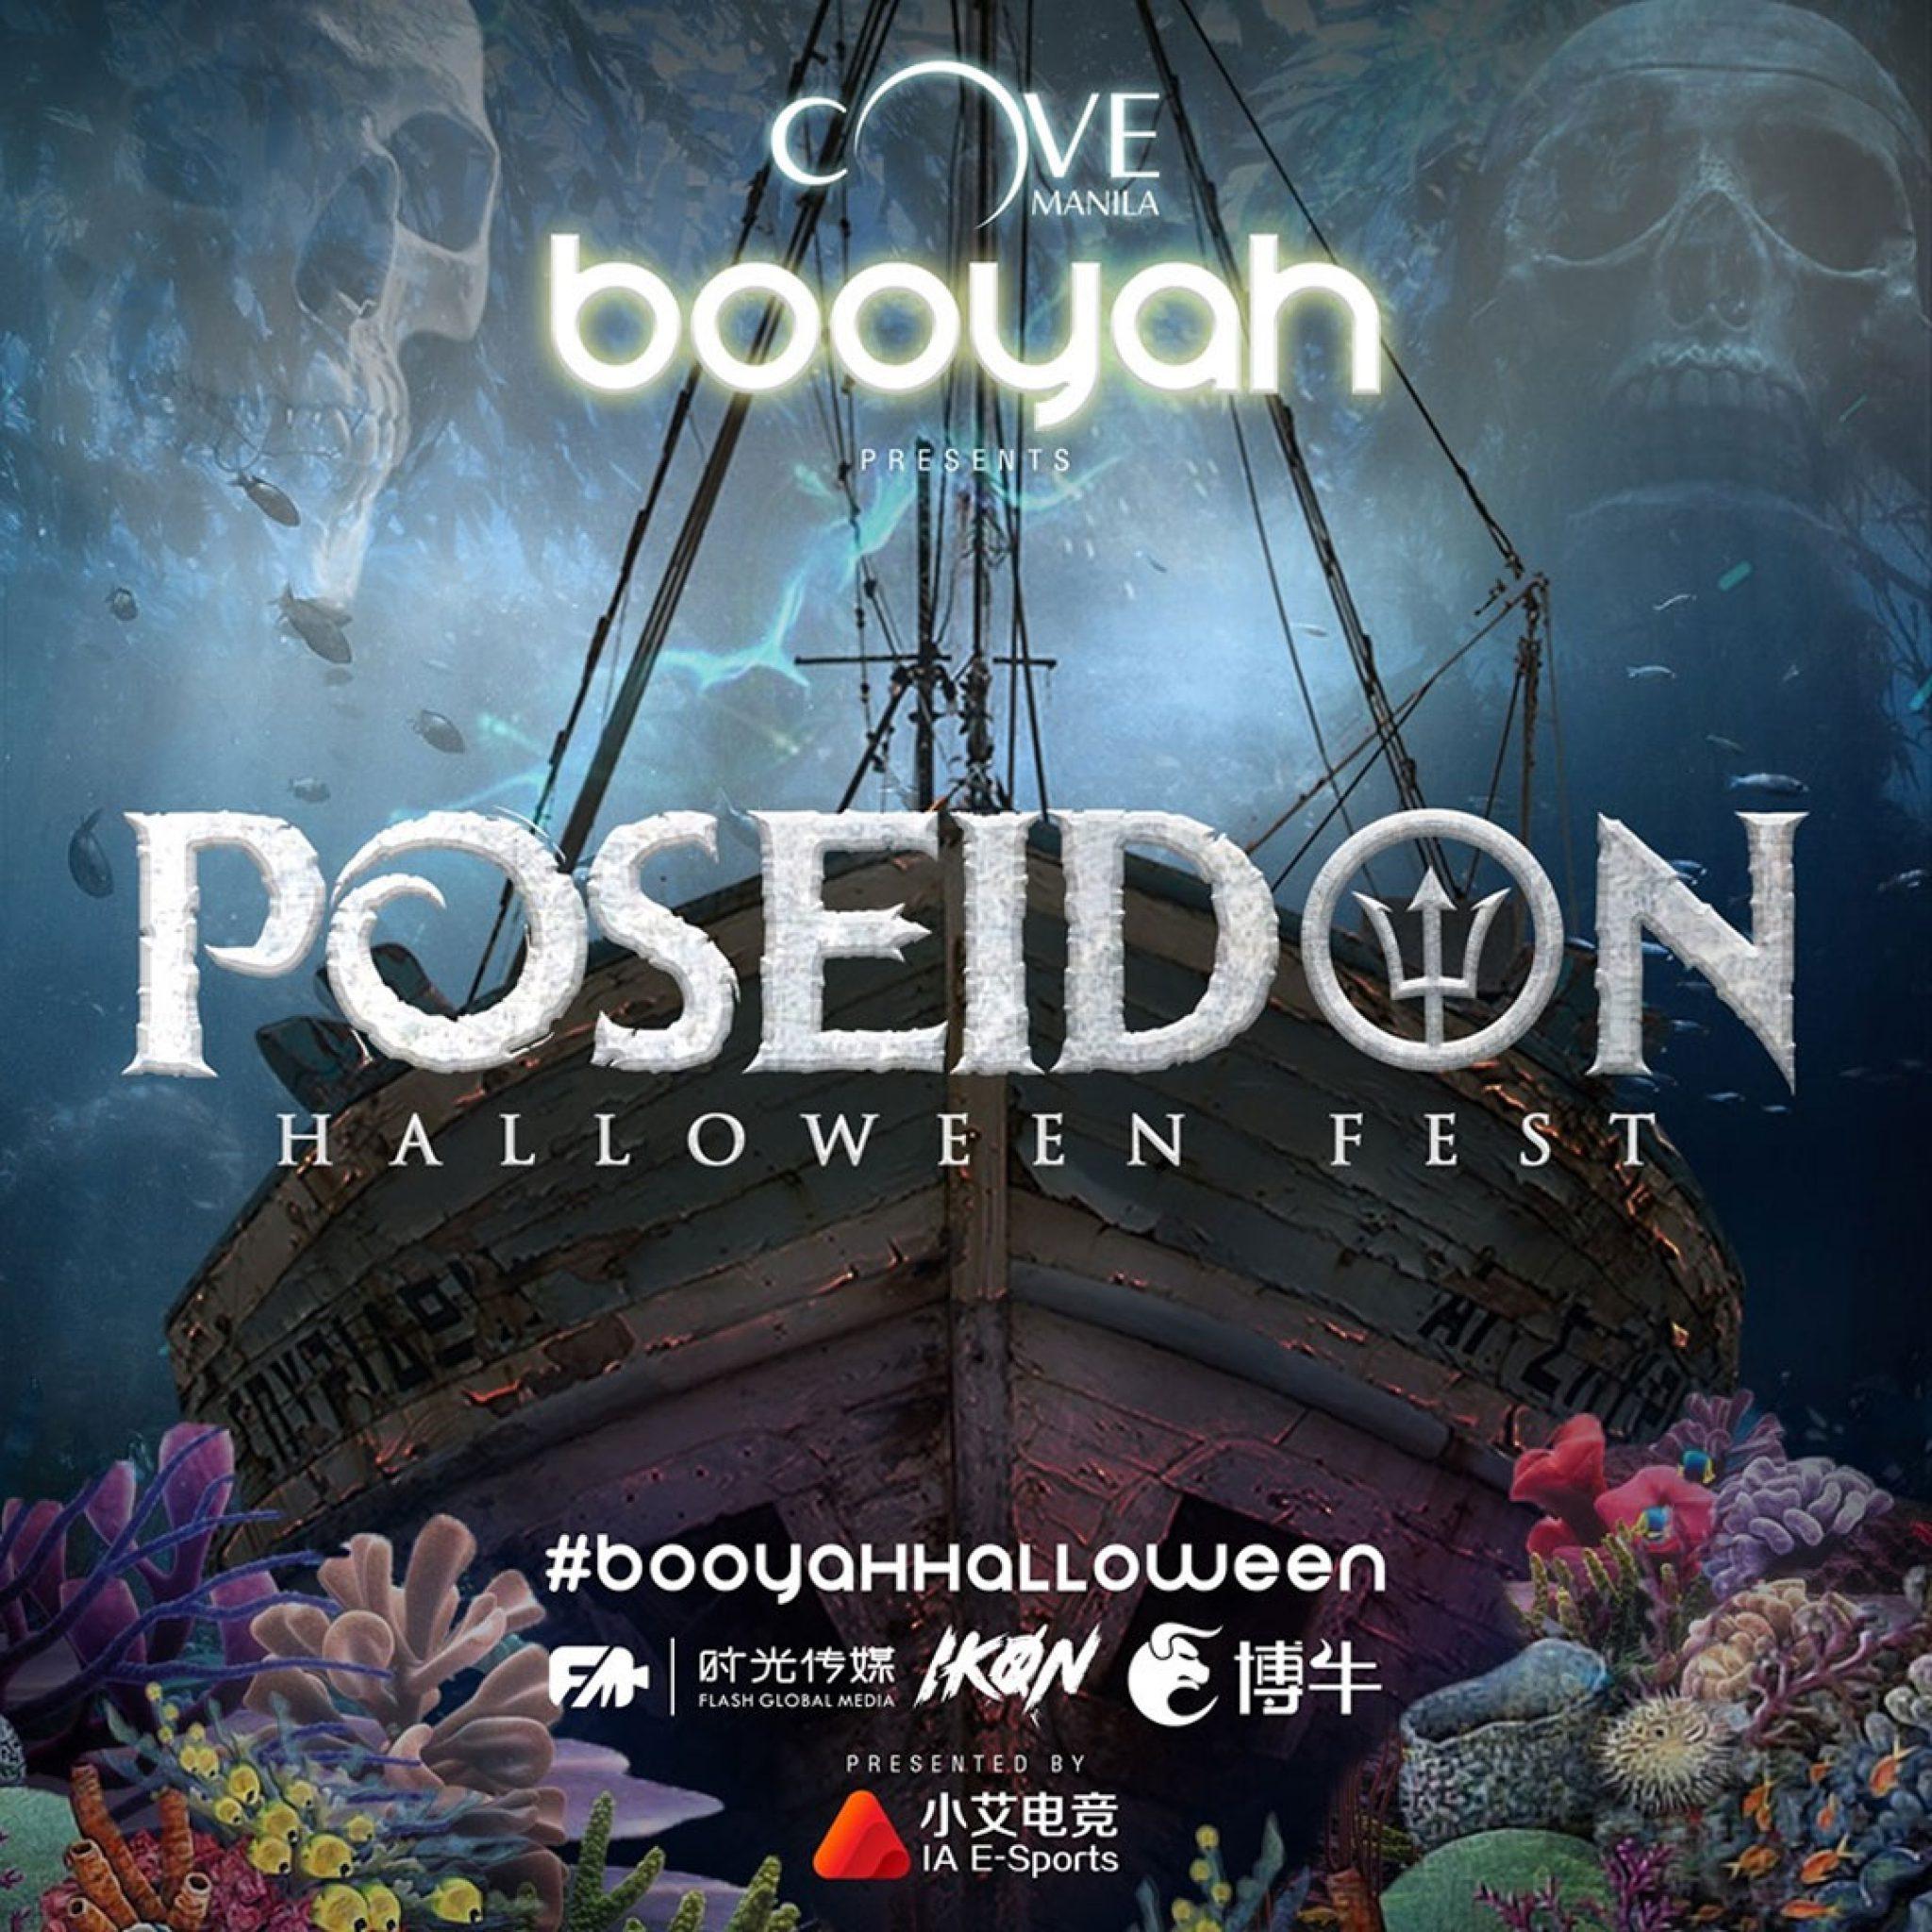 Poseidon Halloween Festival